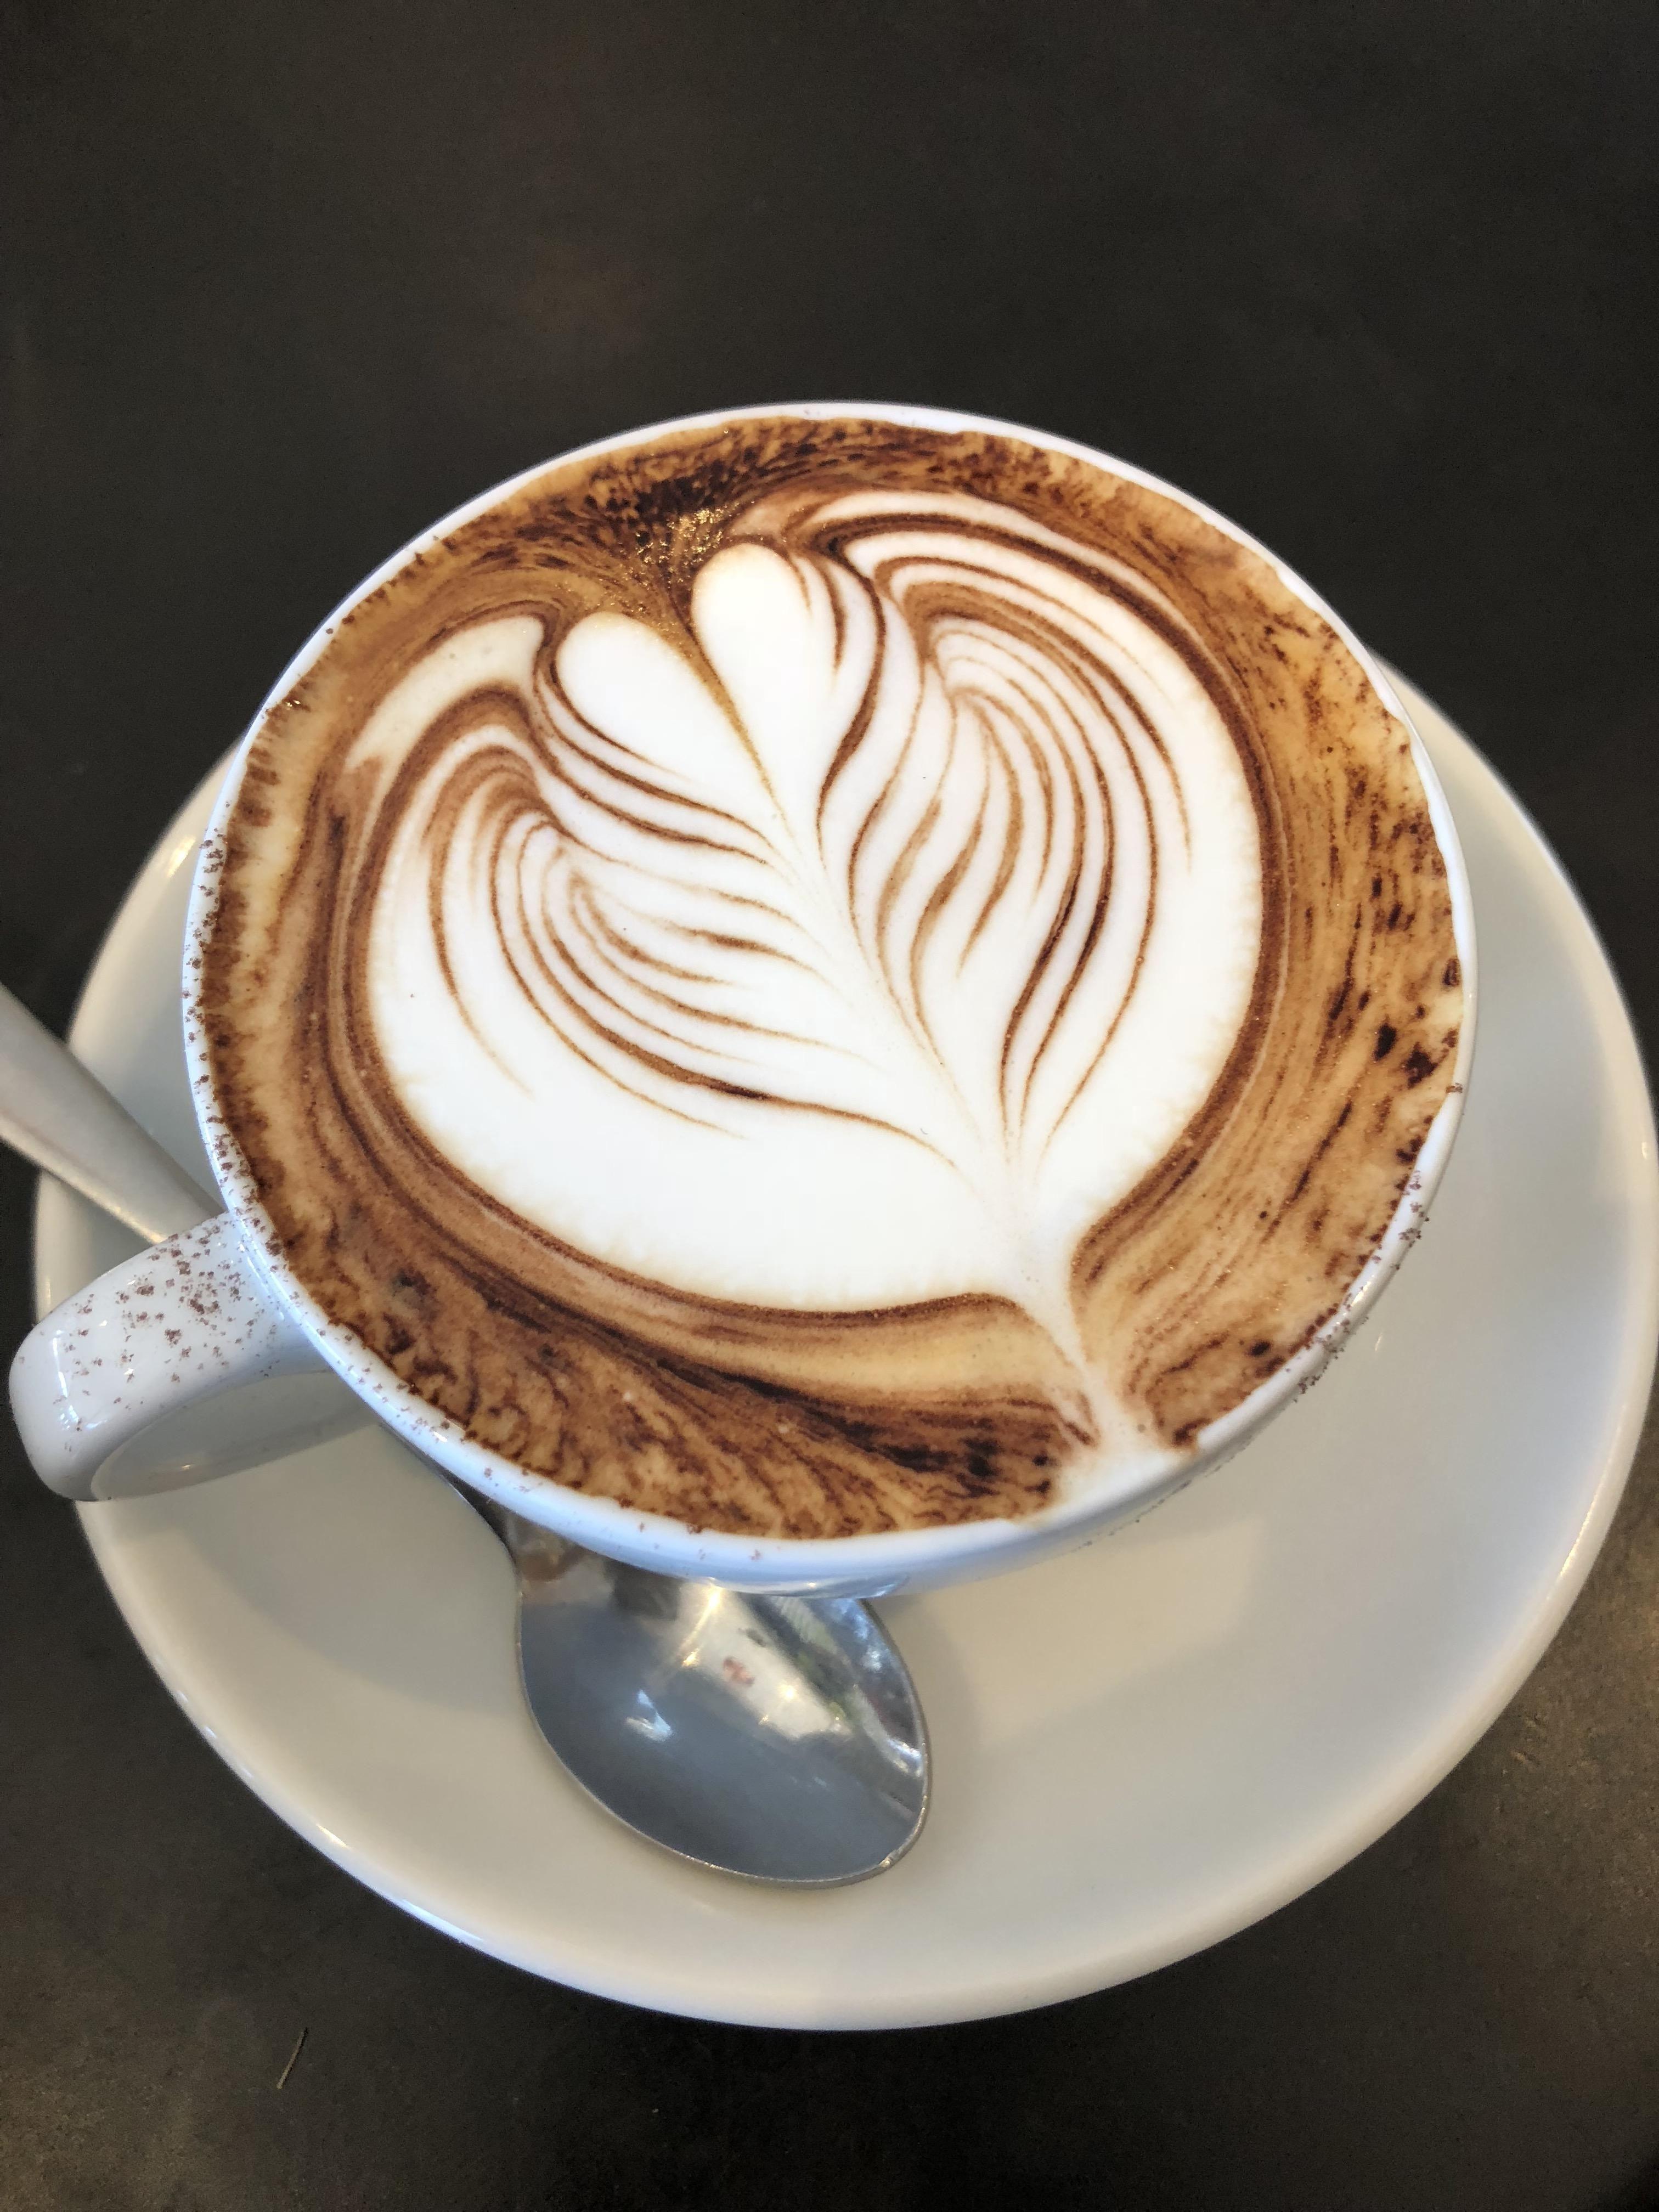 Pin By Erika Puerta Garcia On Coffee Break In 2020 Gourmet Coffee Coffee Roasting Cappuccino Coffee